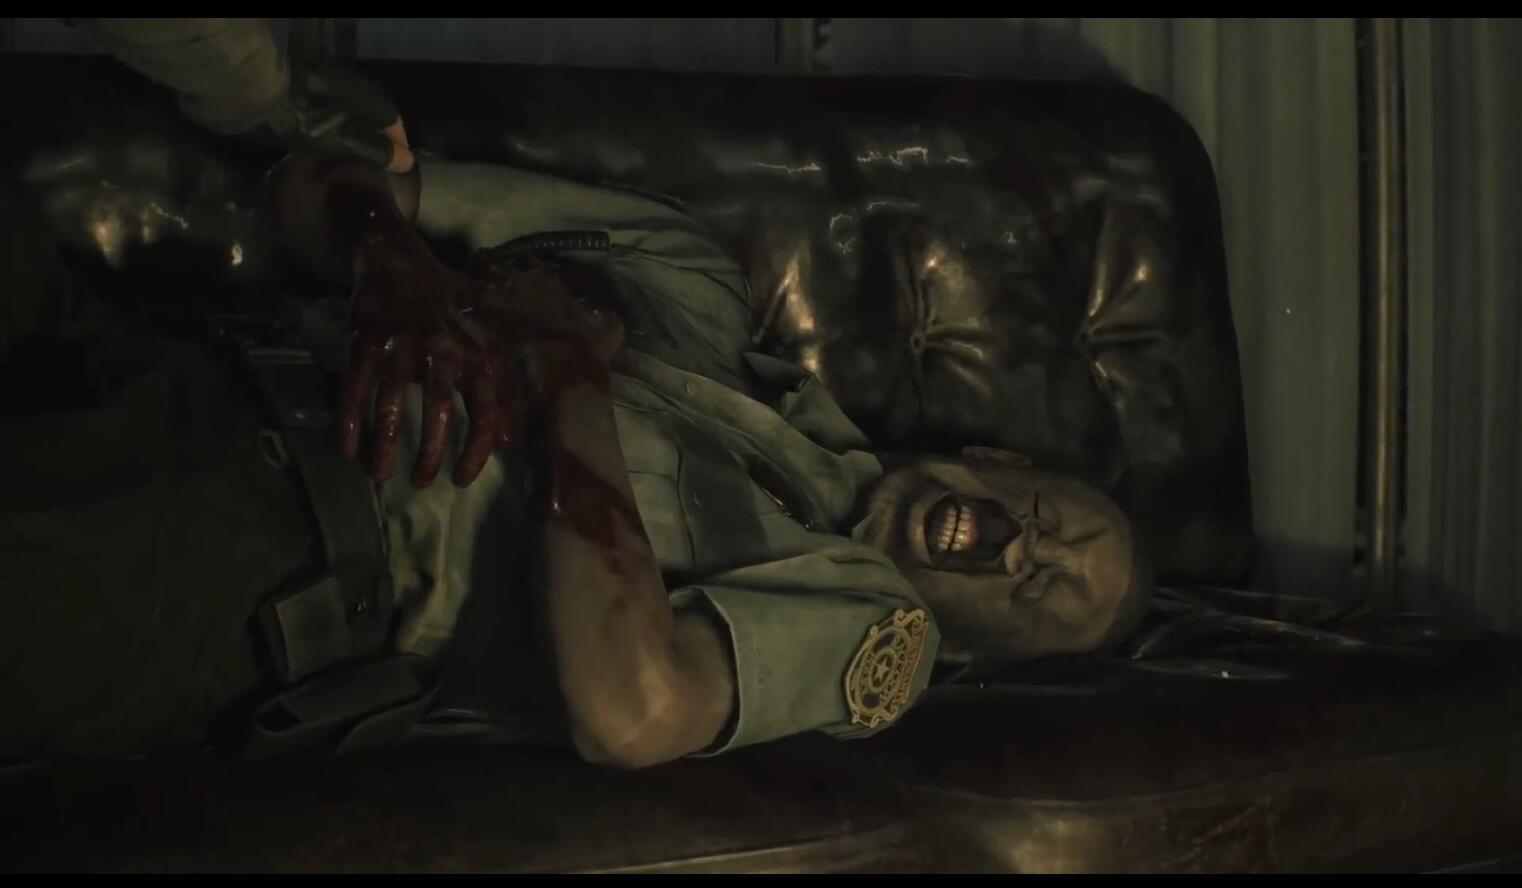 崩坏里昂 肢体动作500%的恶搞版《生化危机2:重制》